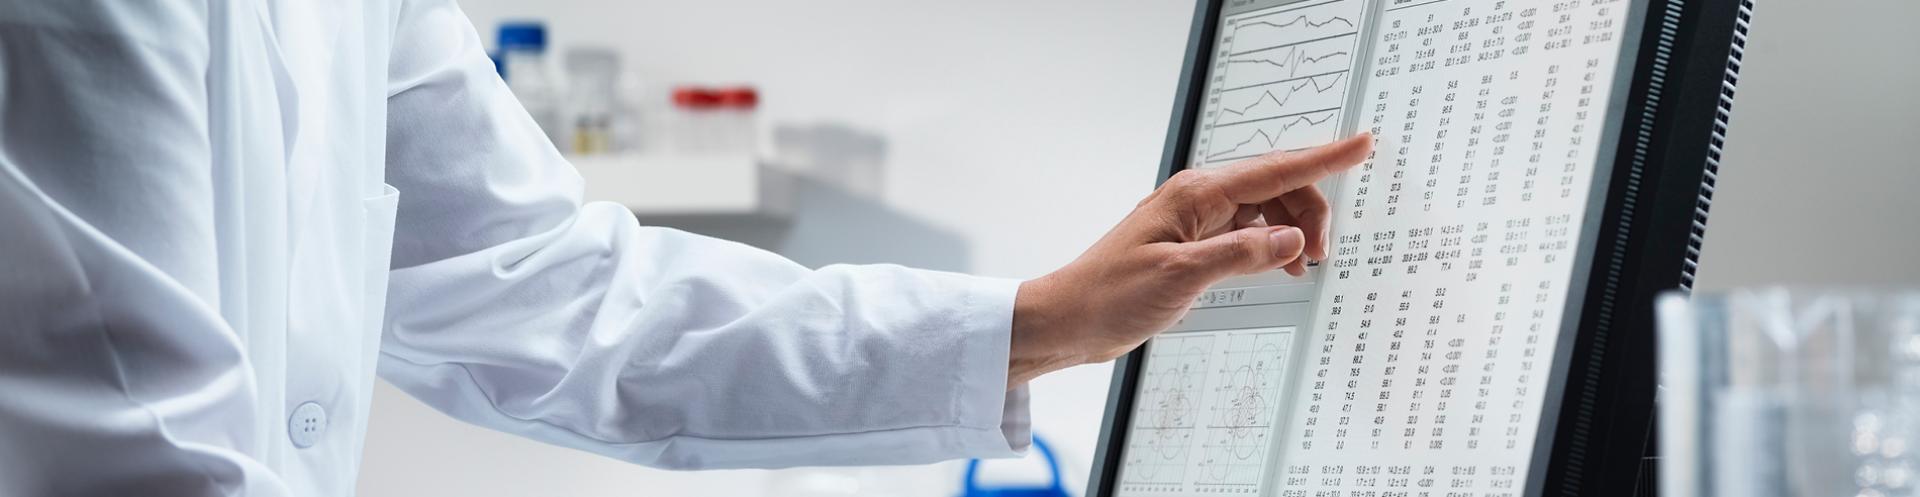 Master in Genomics and Precision Medicine